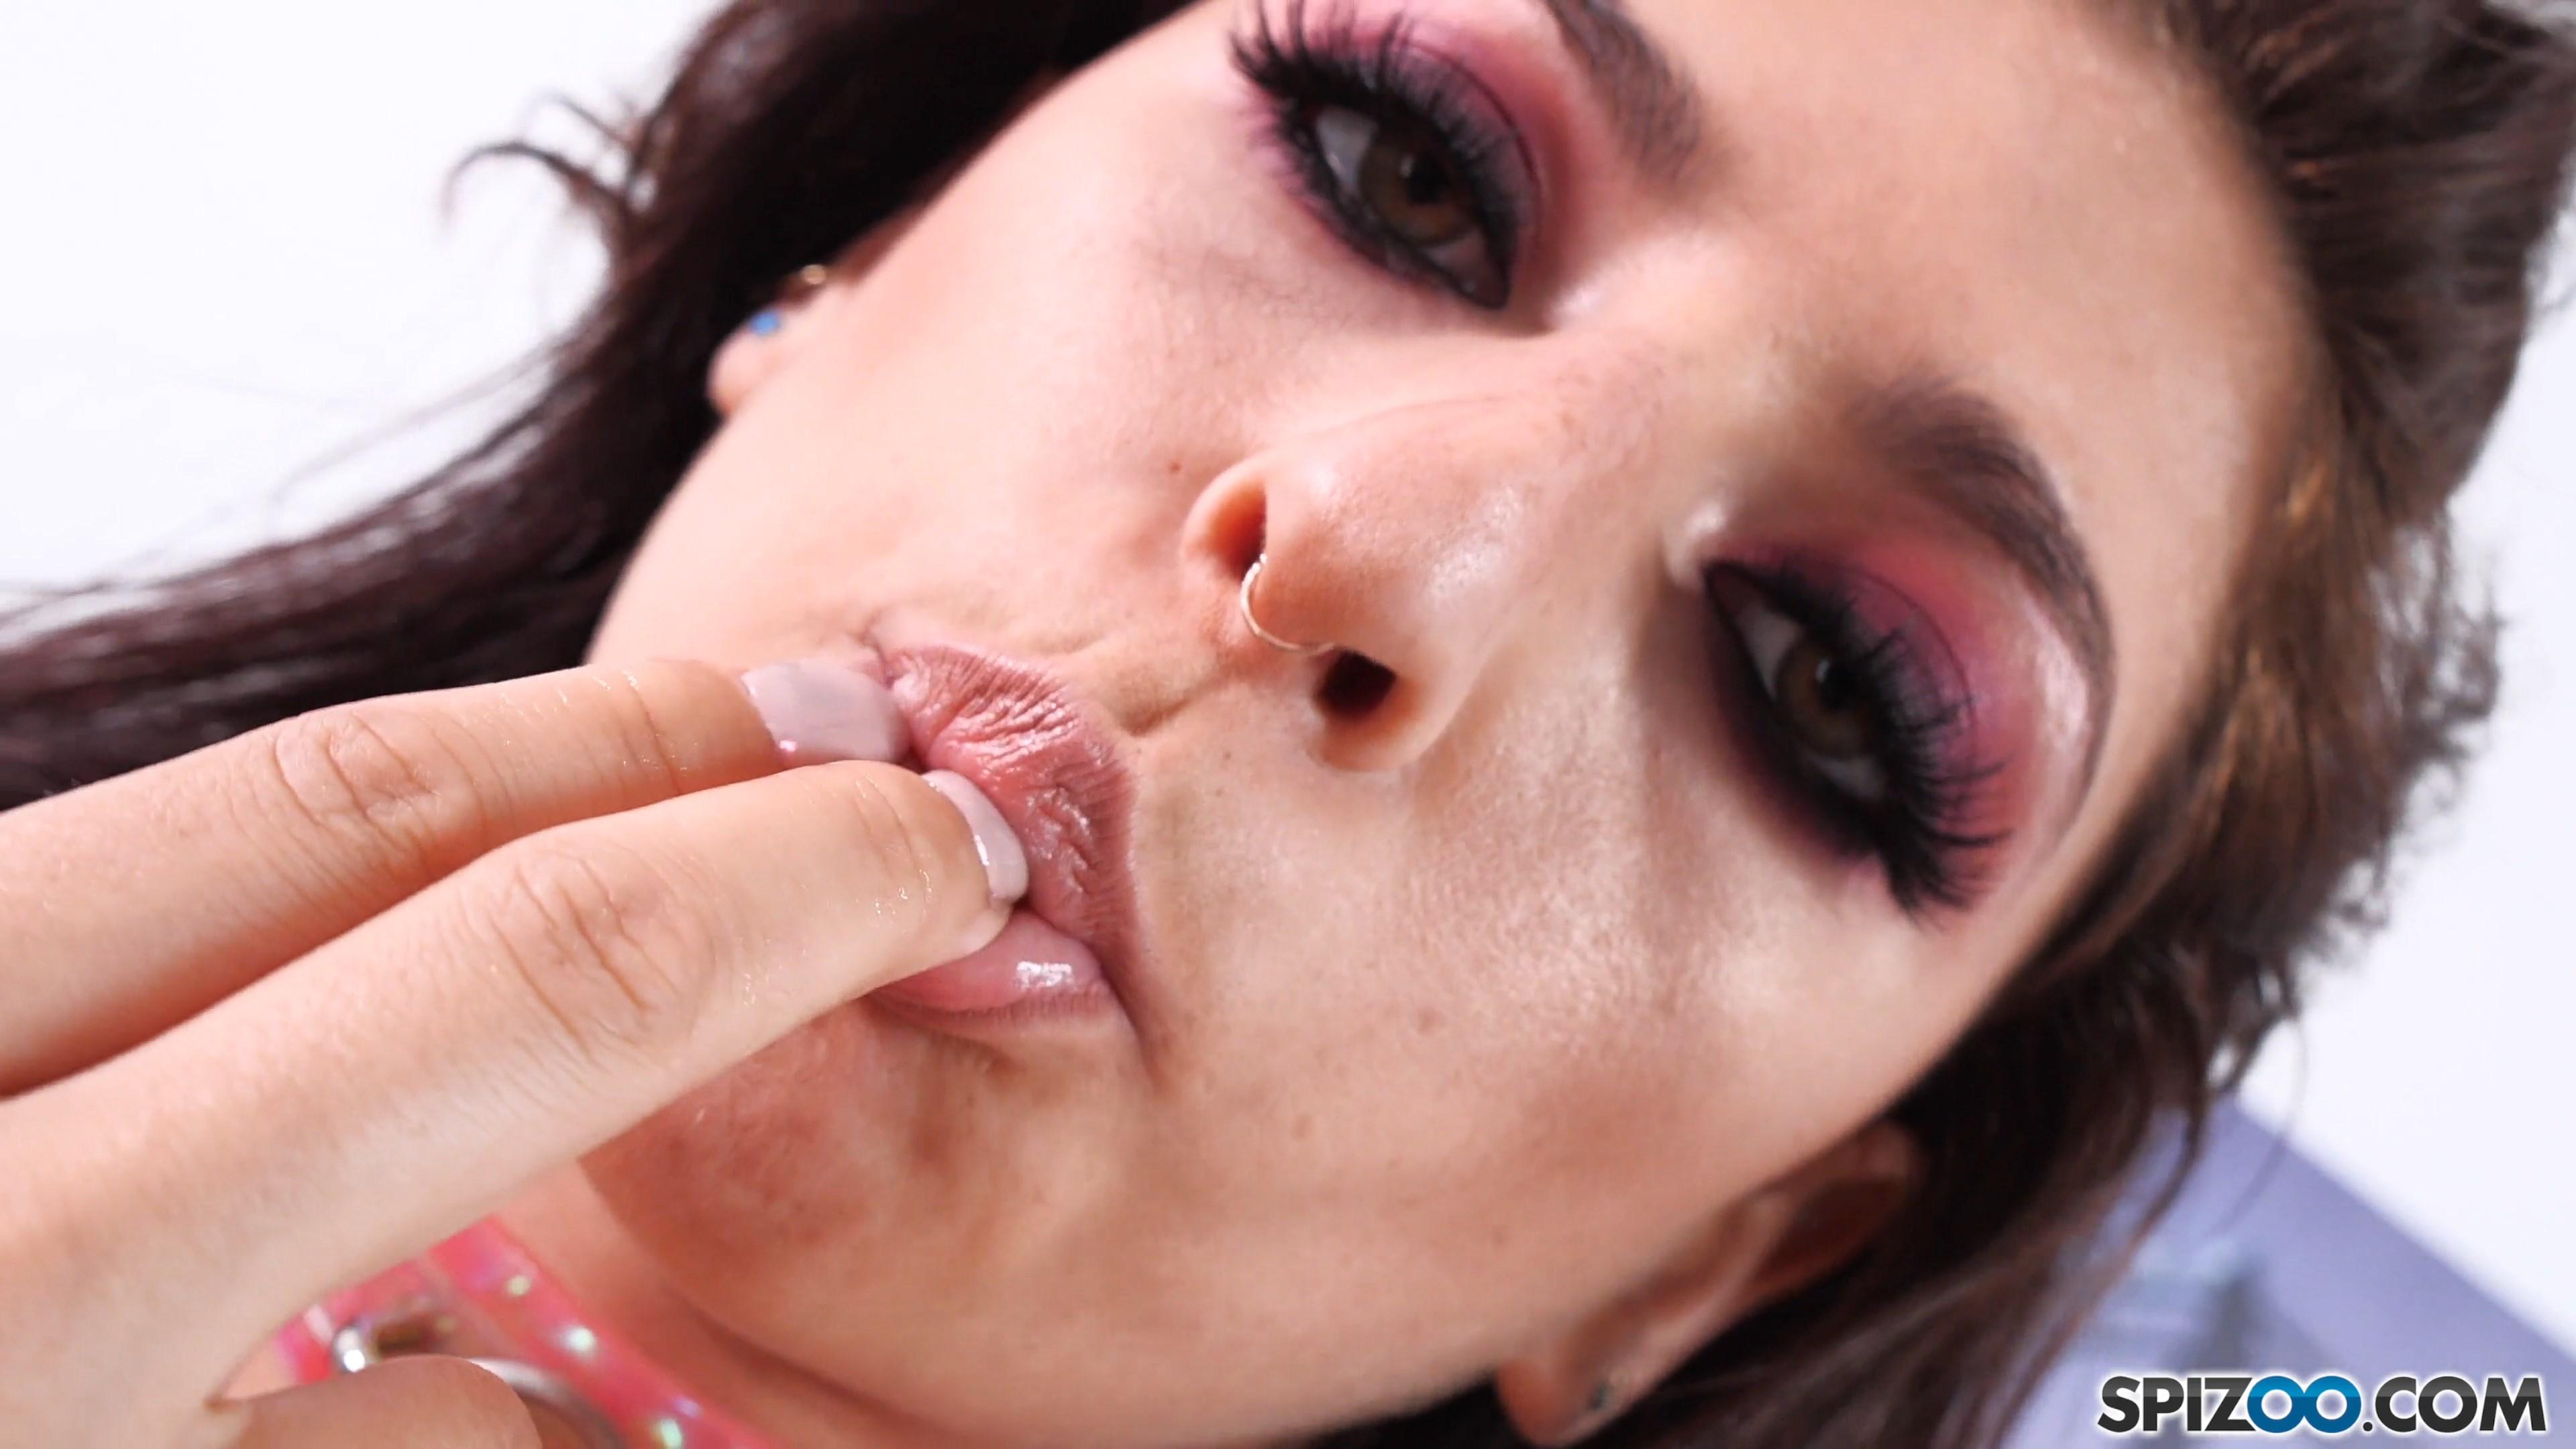 spizoo-18-10-22-nikki-knightly-loves-her-bbc-4k-mp4-snapshot-01-02-161.jpg